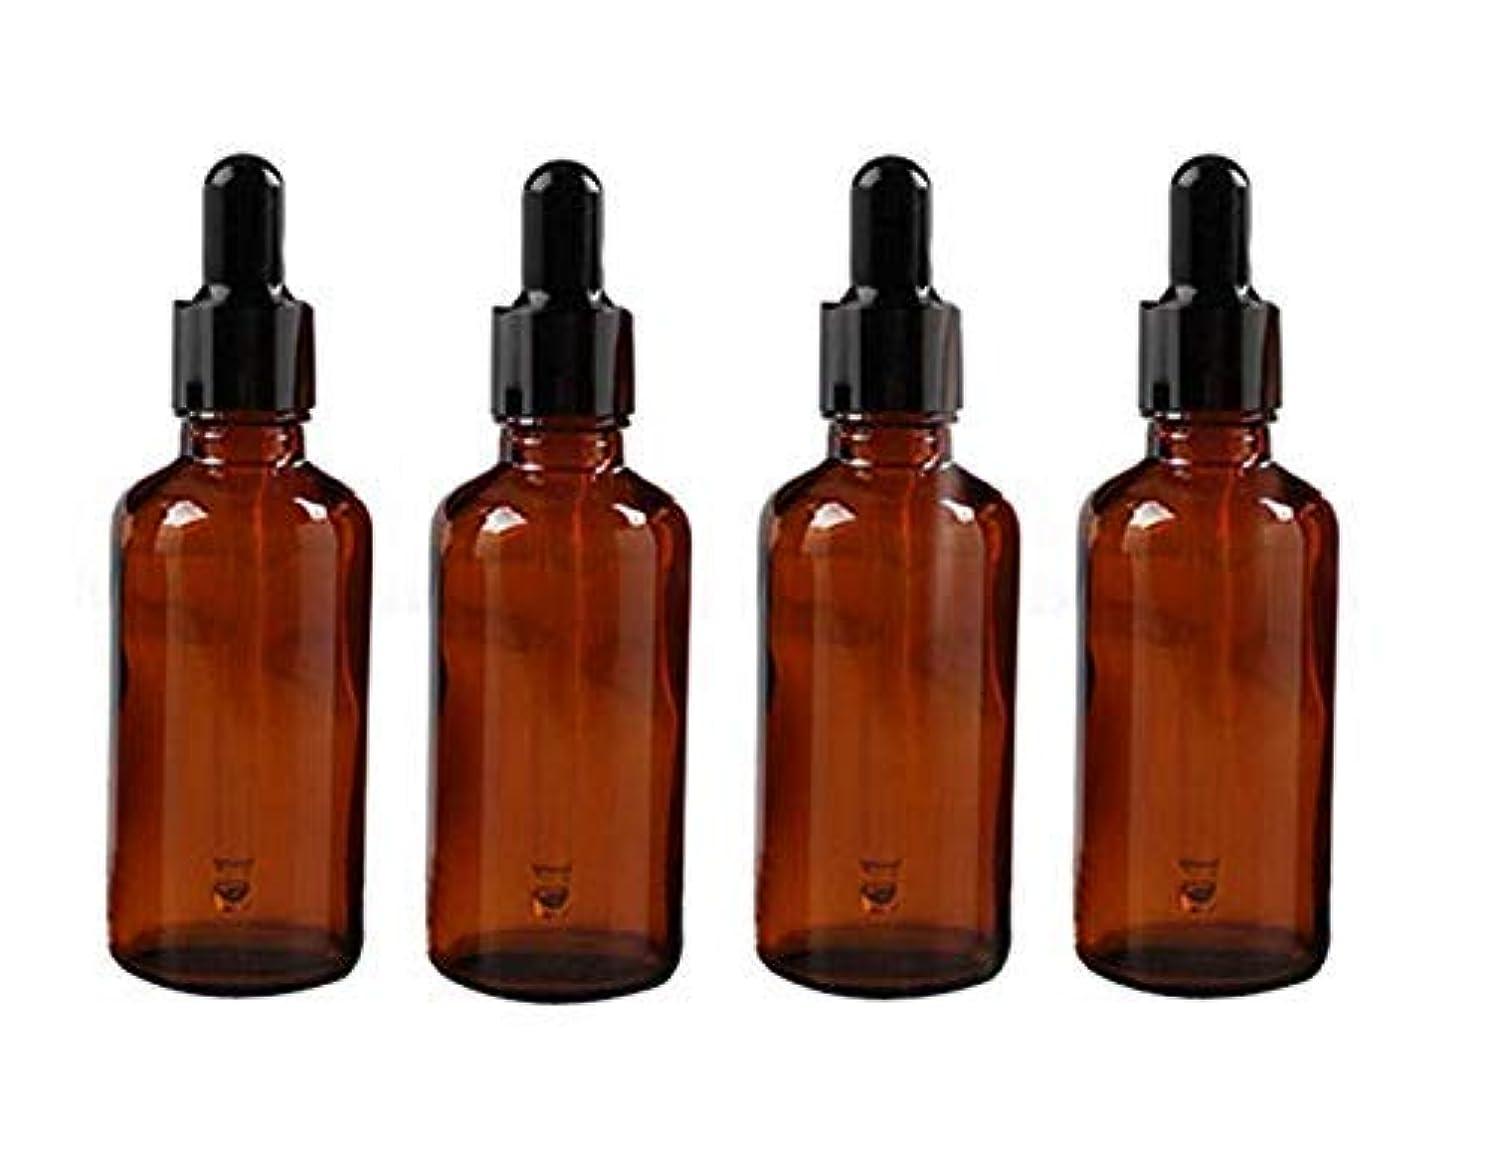 可塑性請求最初4PCS 50ml 1.7oz Empty Refillable Amber Glass Essential Oil Bottle Vial Container with Glass Eye Dropper [並行輸入品]